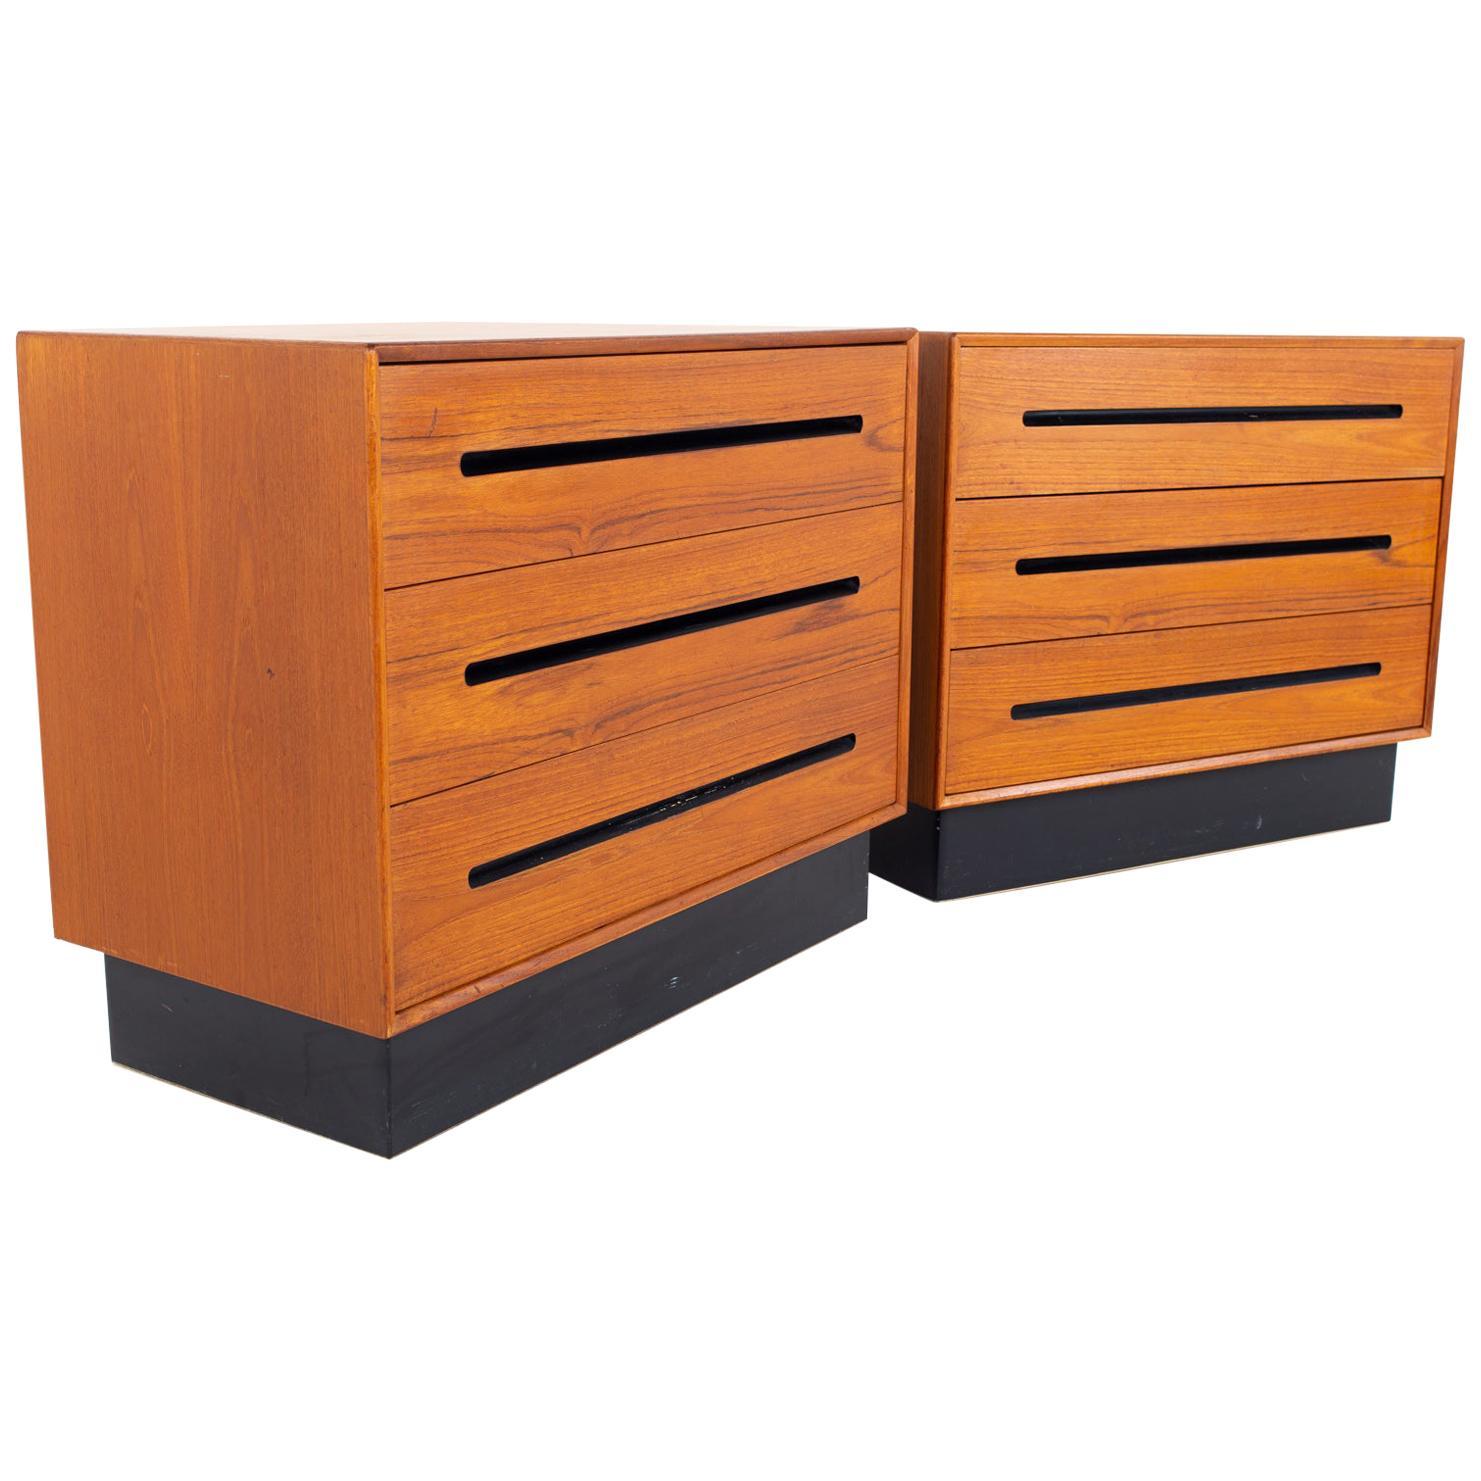 Westnofa Mid Century Teak 3 Drawer Dresser Chest - Pair